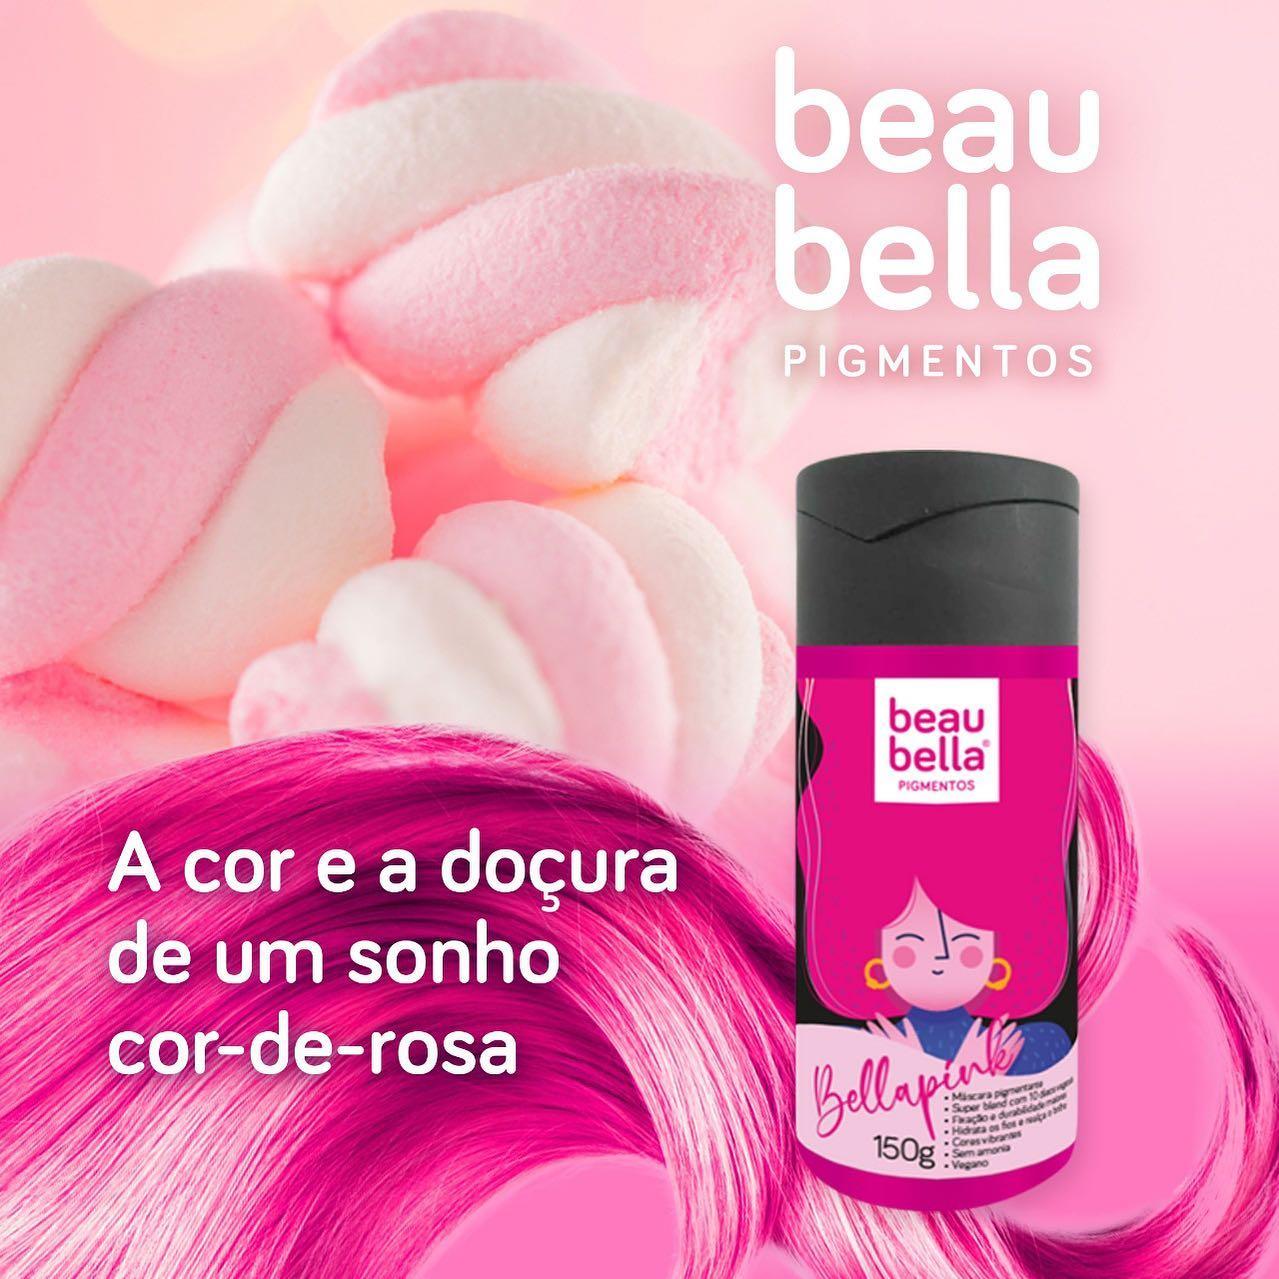 Máscara Pigmentante Beau Bella Bellapink - 150g